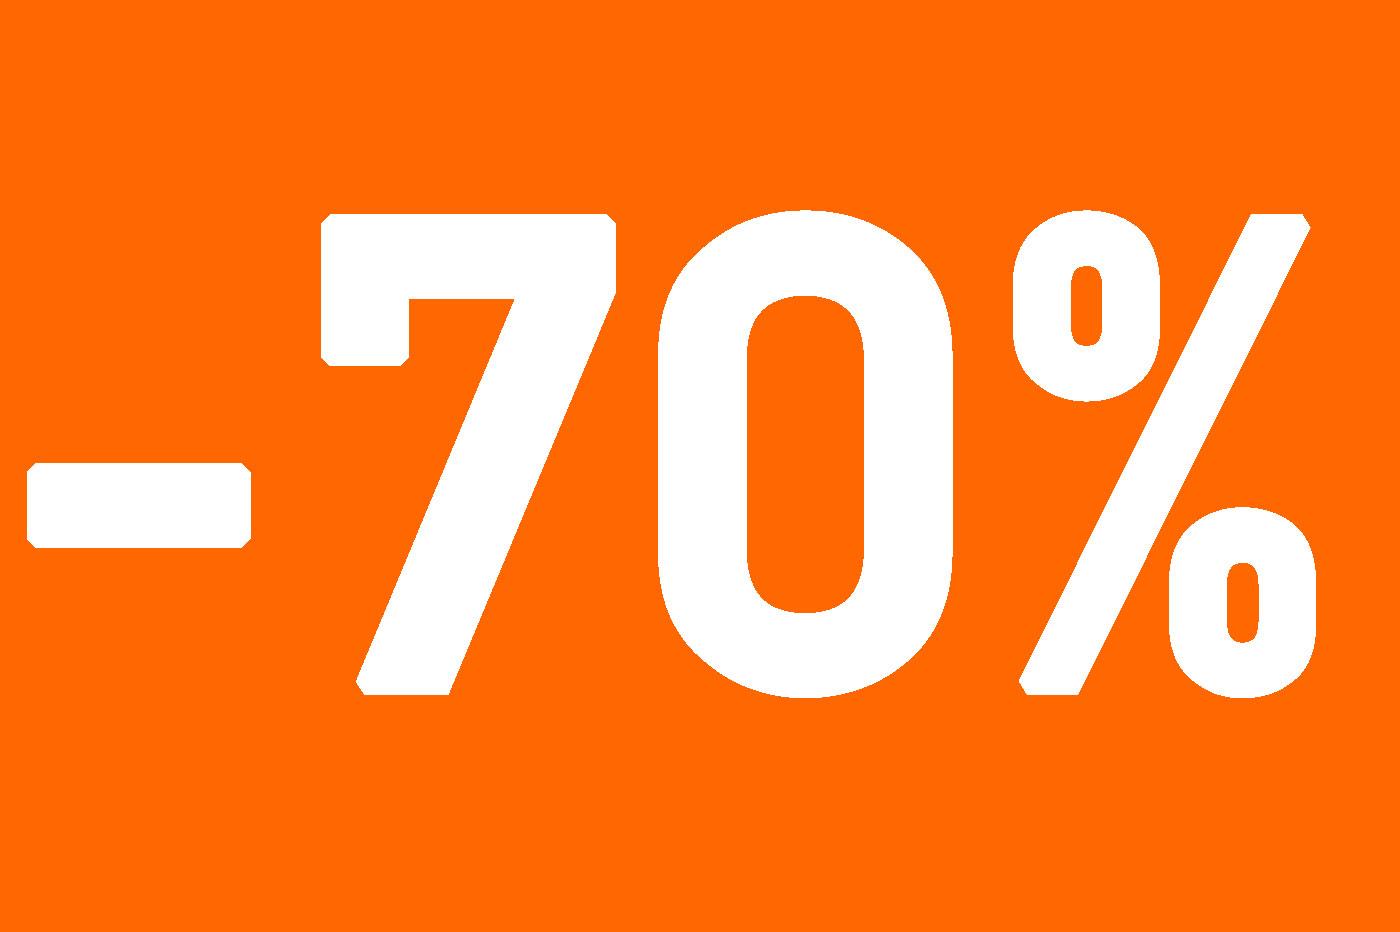 Black Friday Amazon : les offres choc jusqu'à -70% pour ce mardi ?